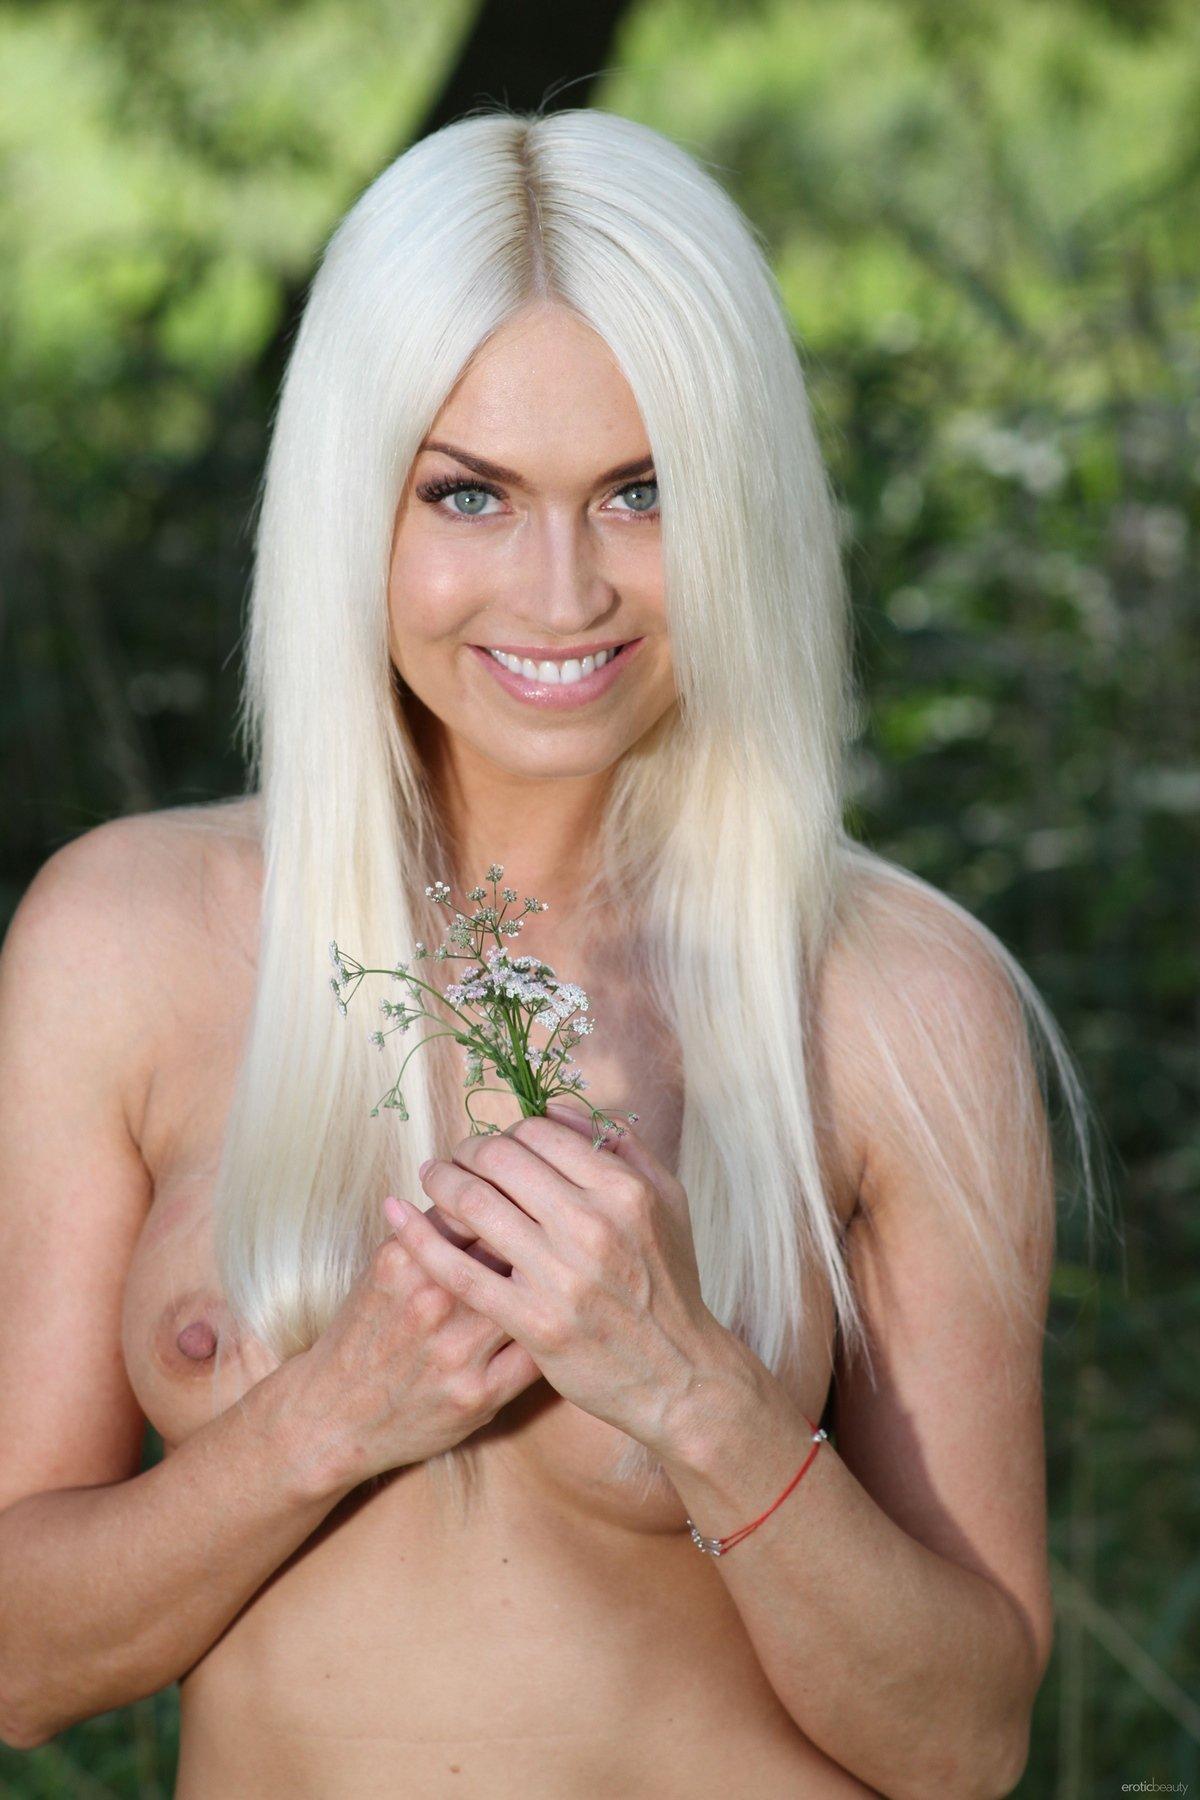 Симпатичная модель со свелыми волосами без нижнего белья в зеленых зарослях